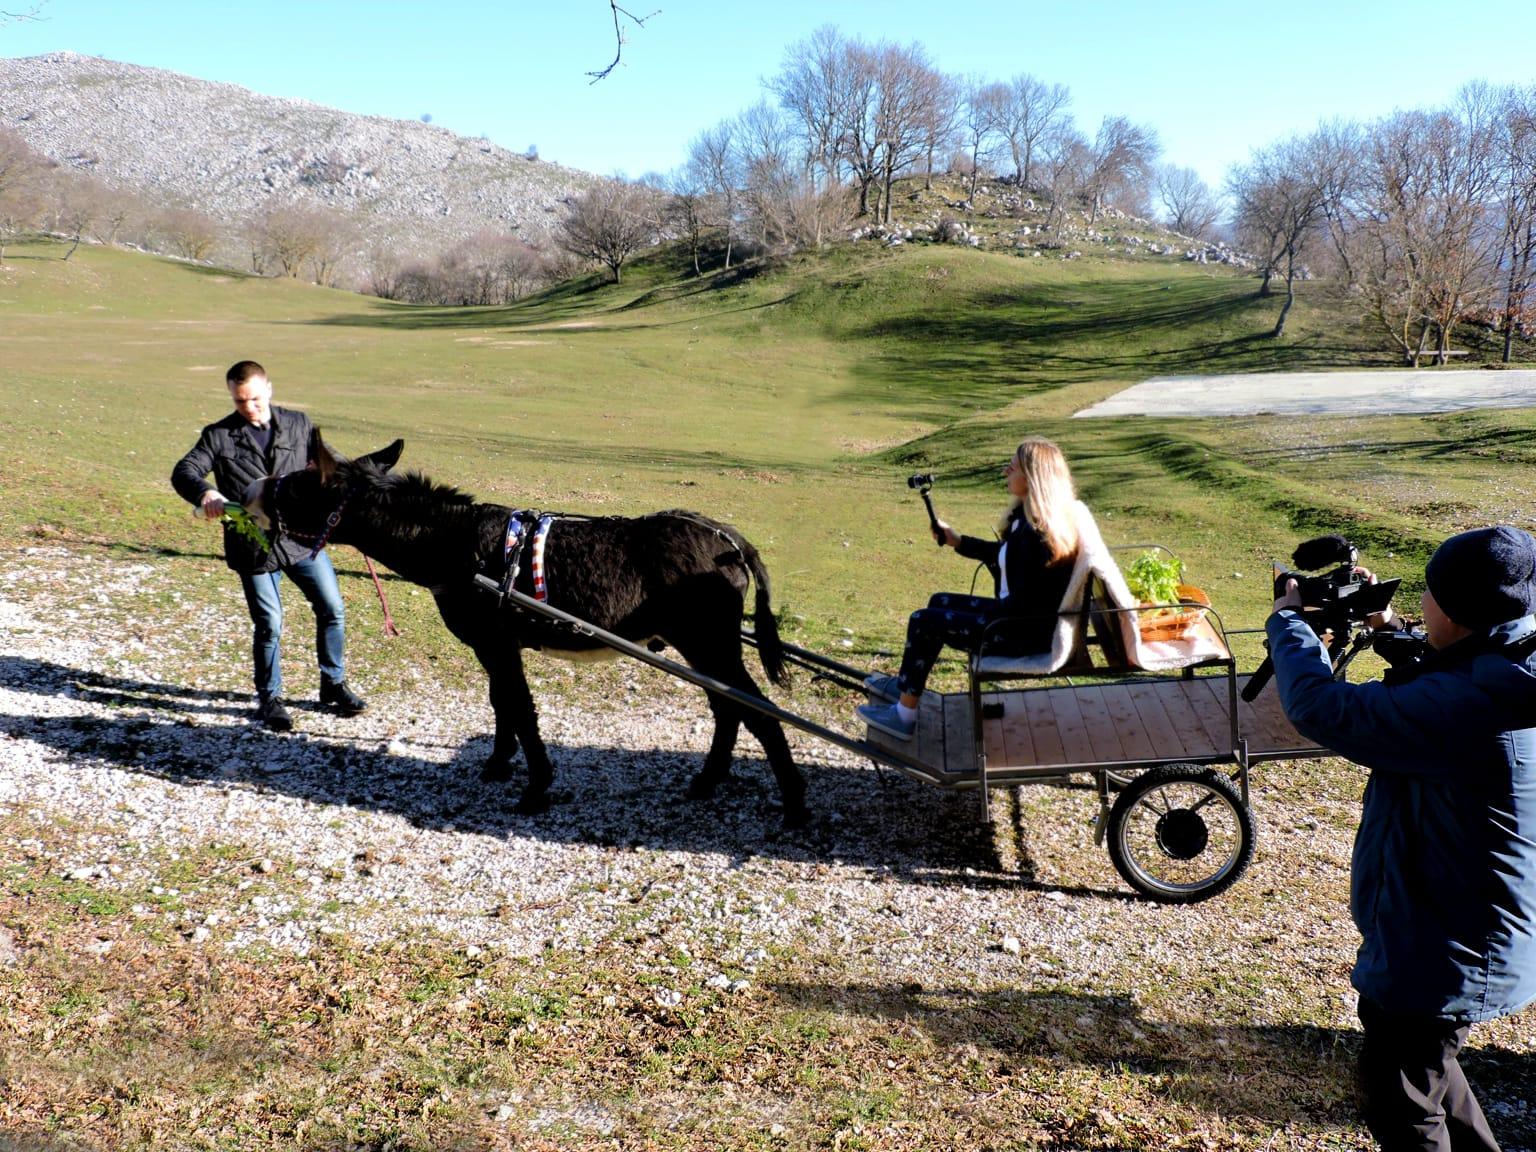 Troupe russa My Planet gira in Molise, tra le mete scelte anche il Villaggio Rurale Le Sette Querce.